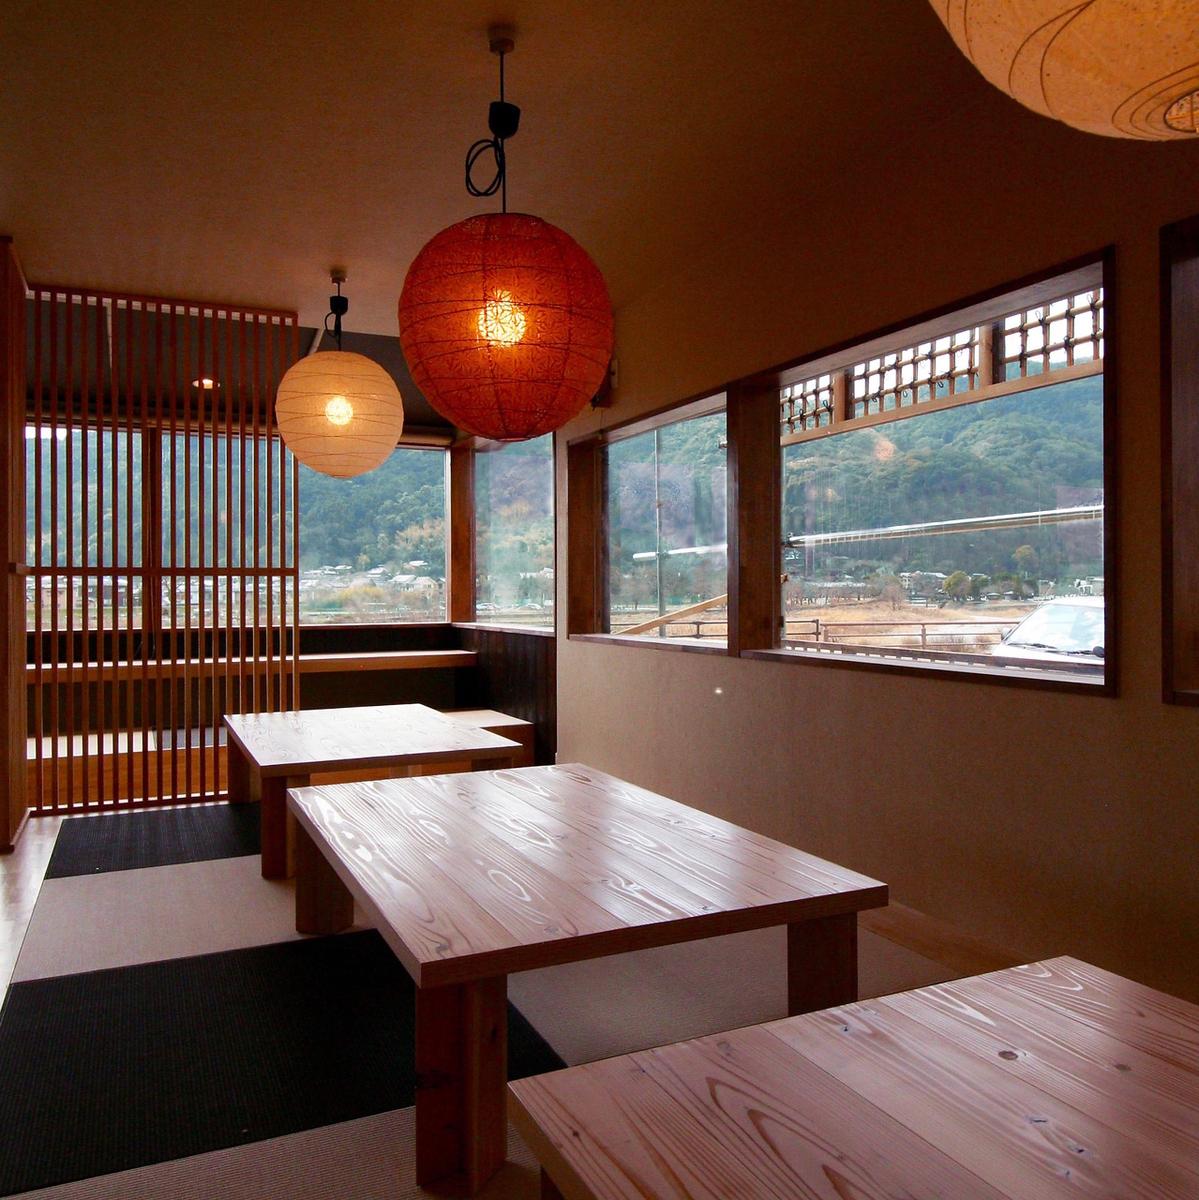 座敷は3テーブルご用意しております。テーブルの配置変更も可能ですので、お気軽にお問い合わせください。